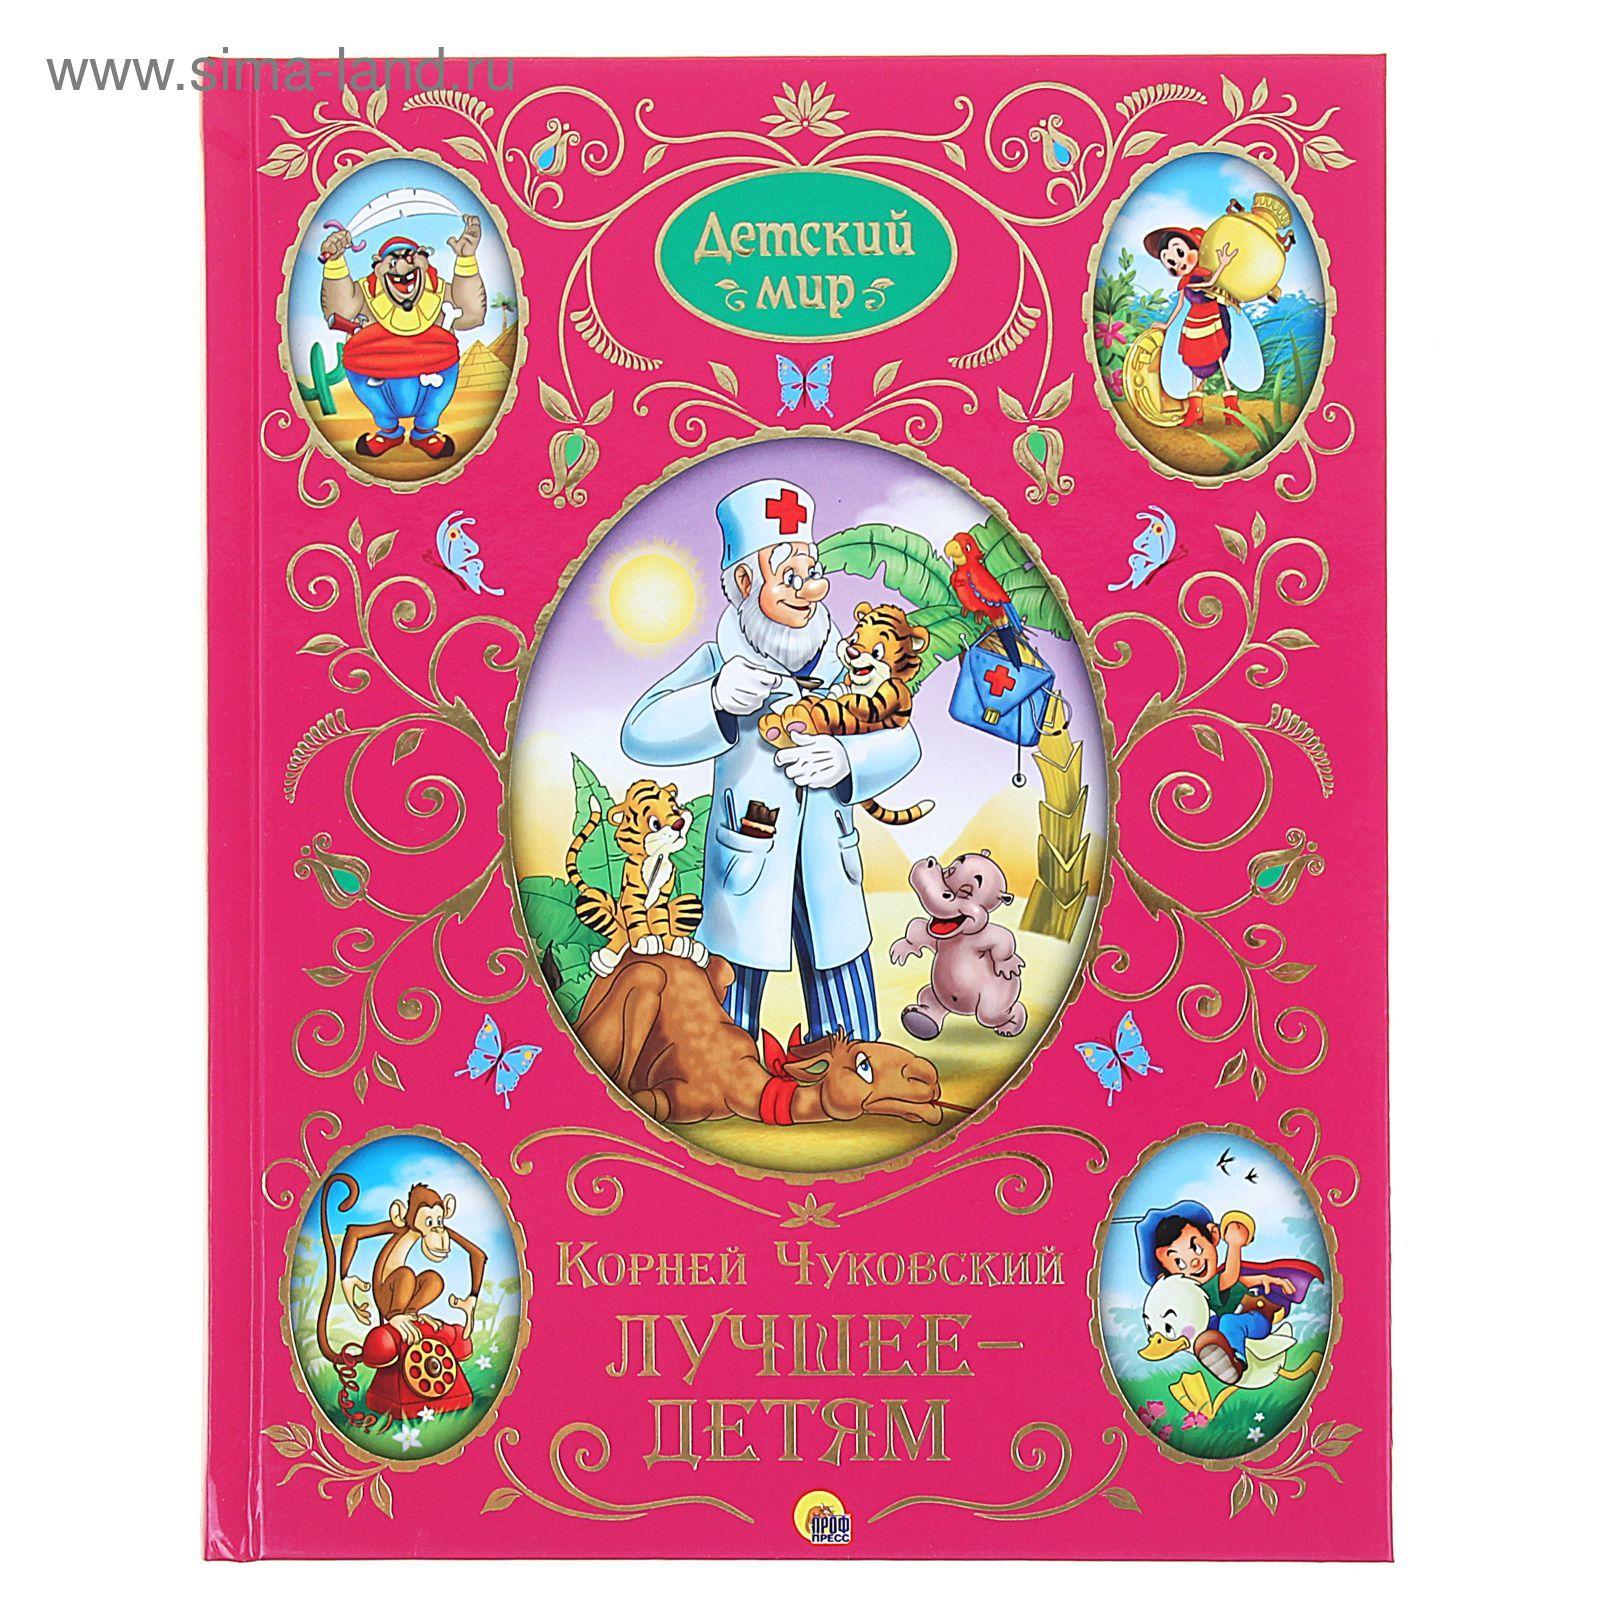 Детский мир. Лучшее Детям (1146845) - Купить по цене от 368.06 руб ... ae10f3c7474